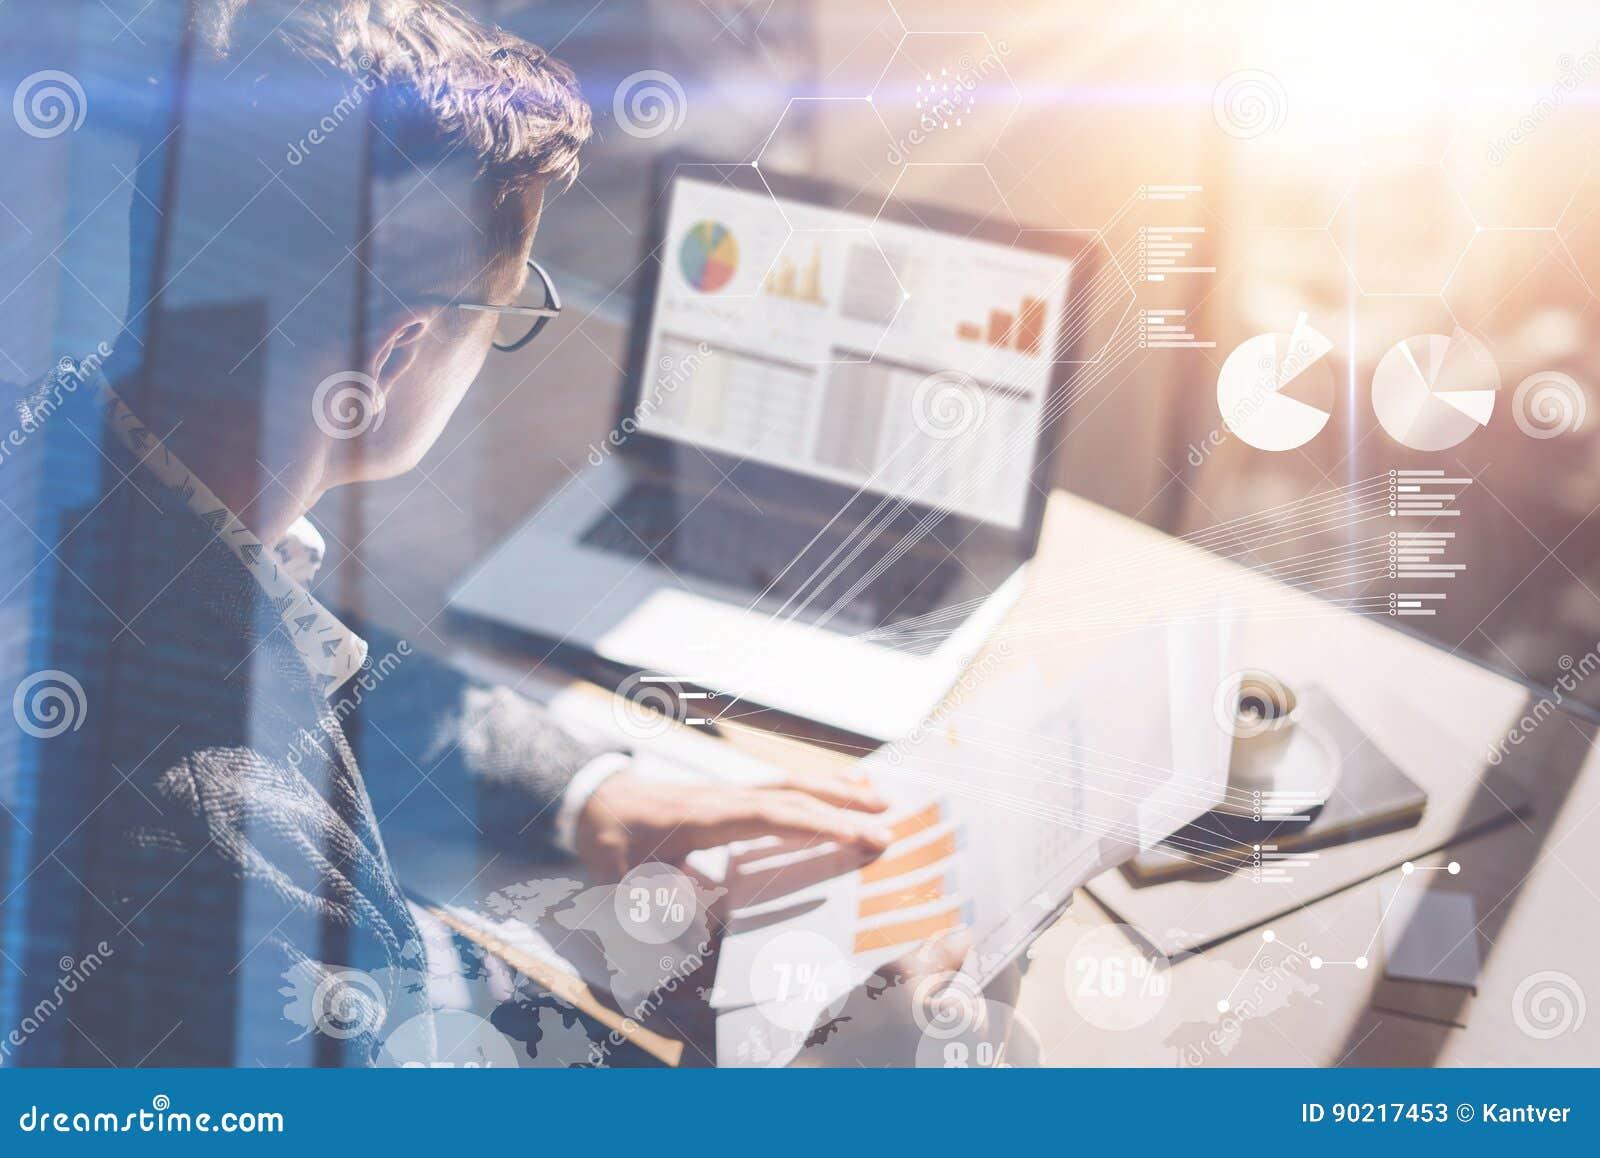 Ο νέος επιχειρηματίας αναλύει την έκθεση αποθεμάτων σχετικά με την οθόνη σημειωματάριων Έννοια της ψηφιακής οθόνης, εικονικό εικο